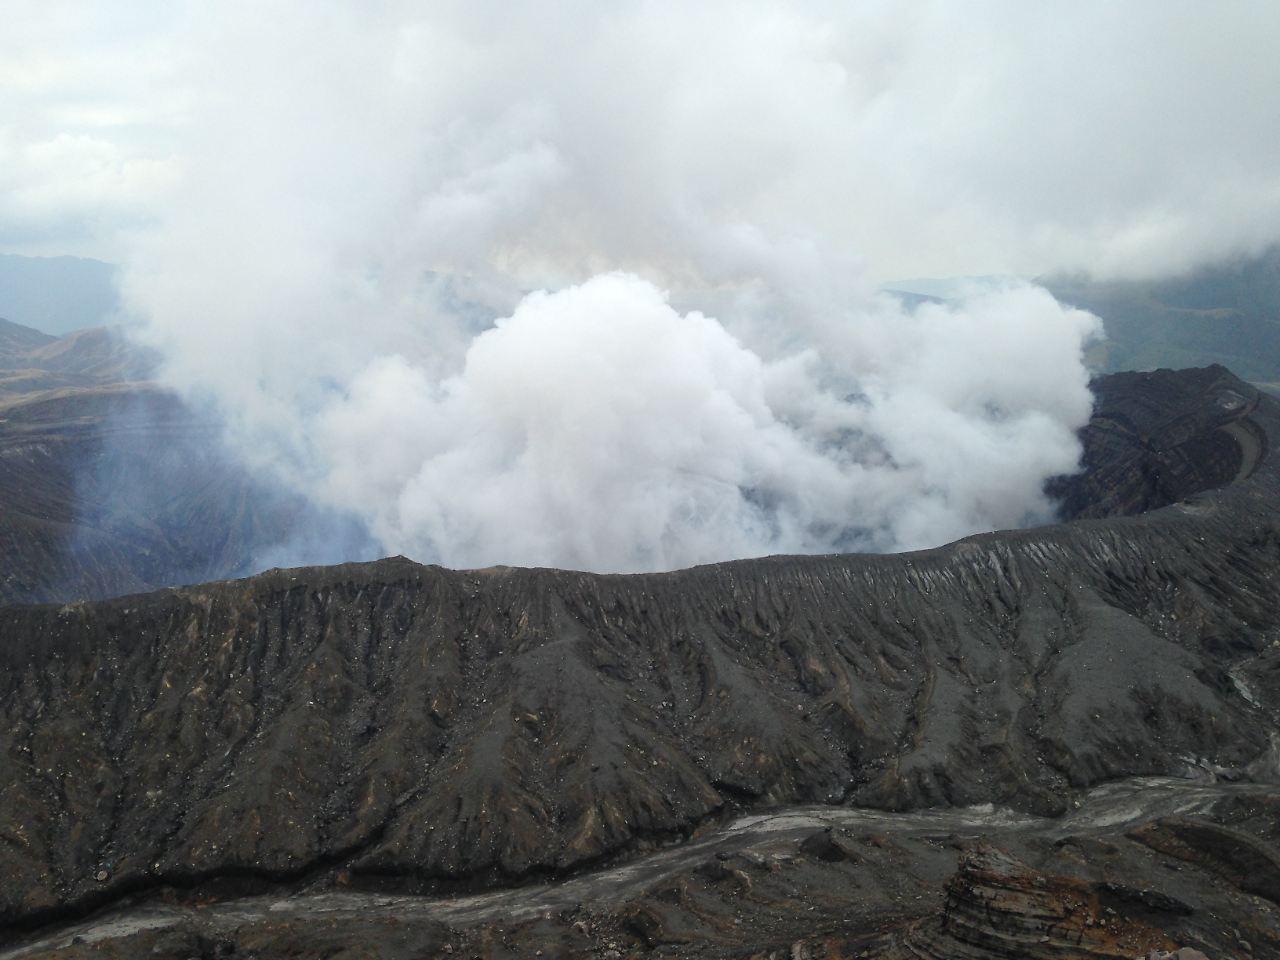 Zahlen vulkanische Panik kostenlos herunterladen